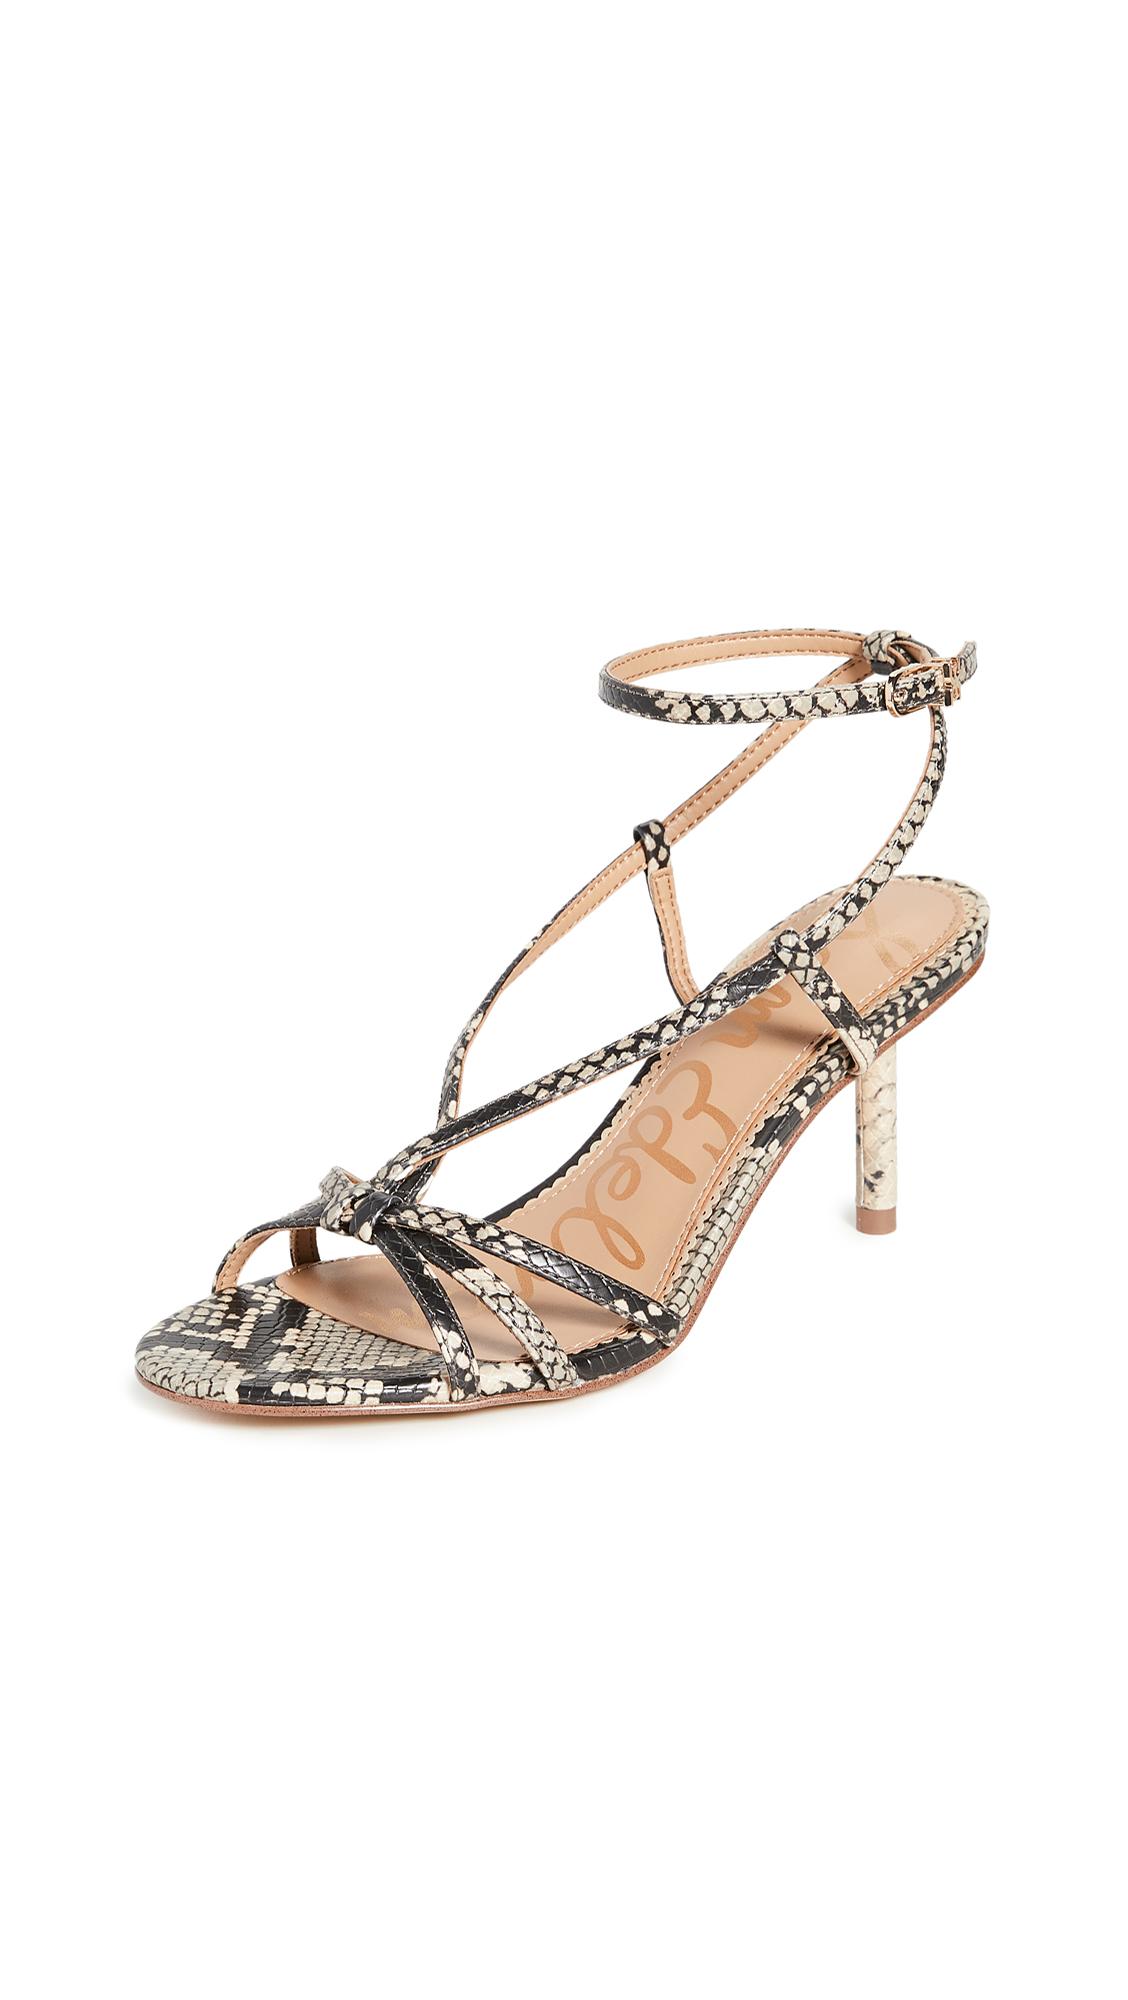 Buy Sam Edelman Pippa Sandals online, shop Sam Edelman